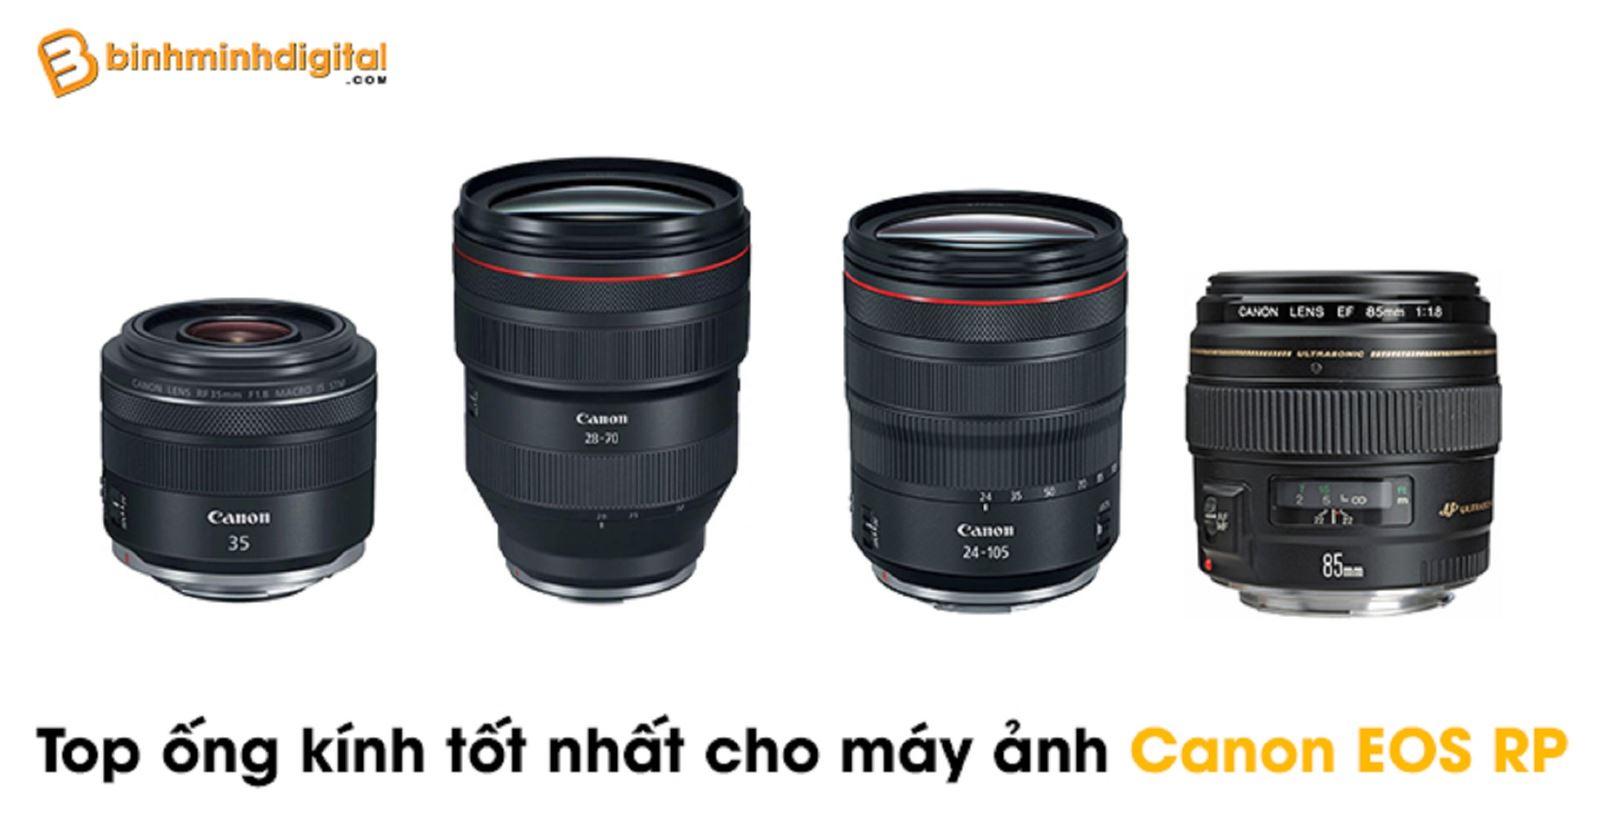 Top ống kính tốt nhất cho máy ảnh Canon EOS RP